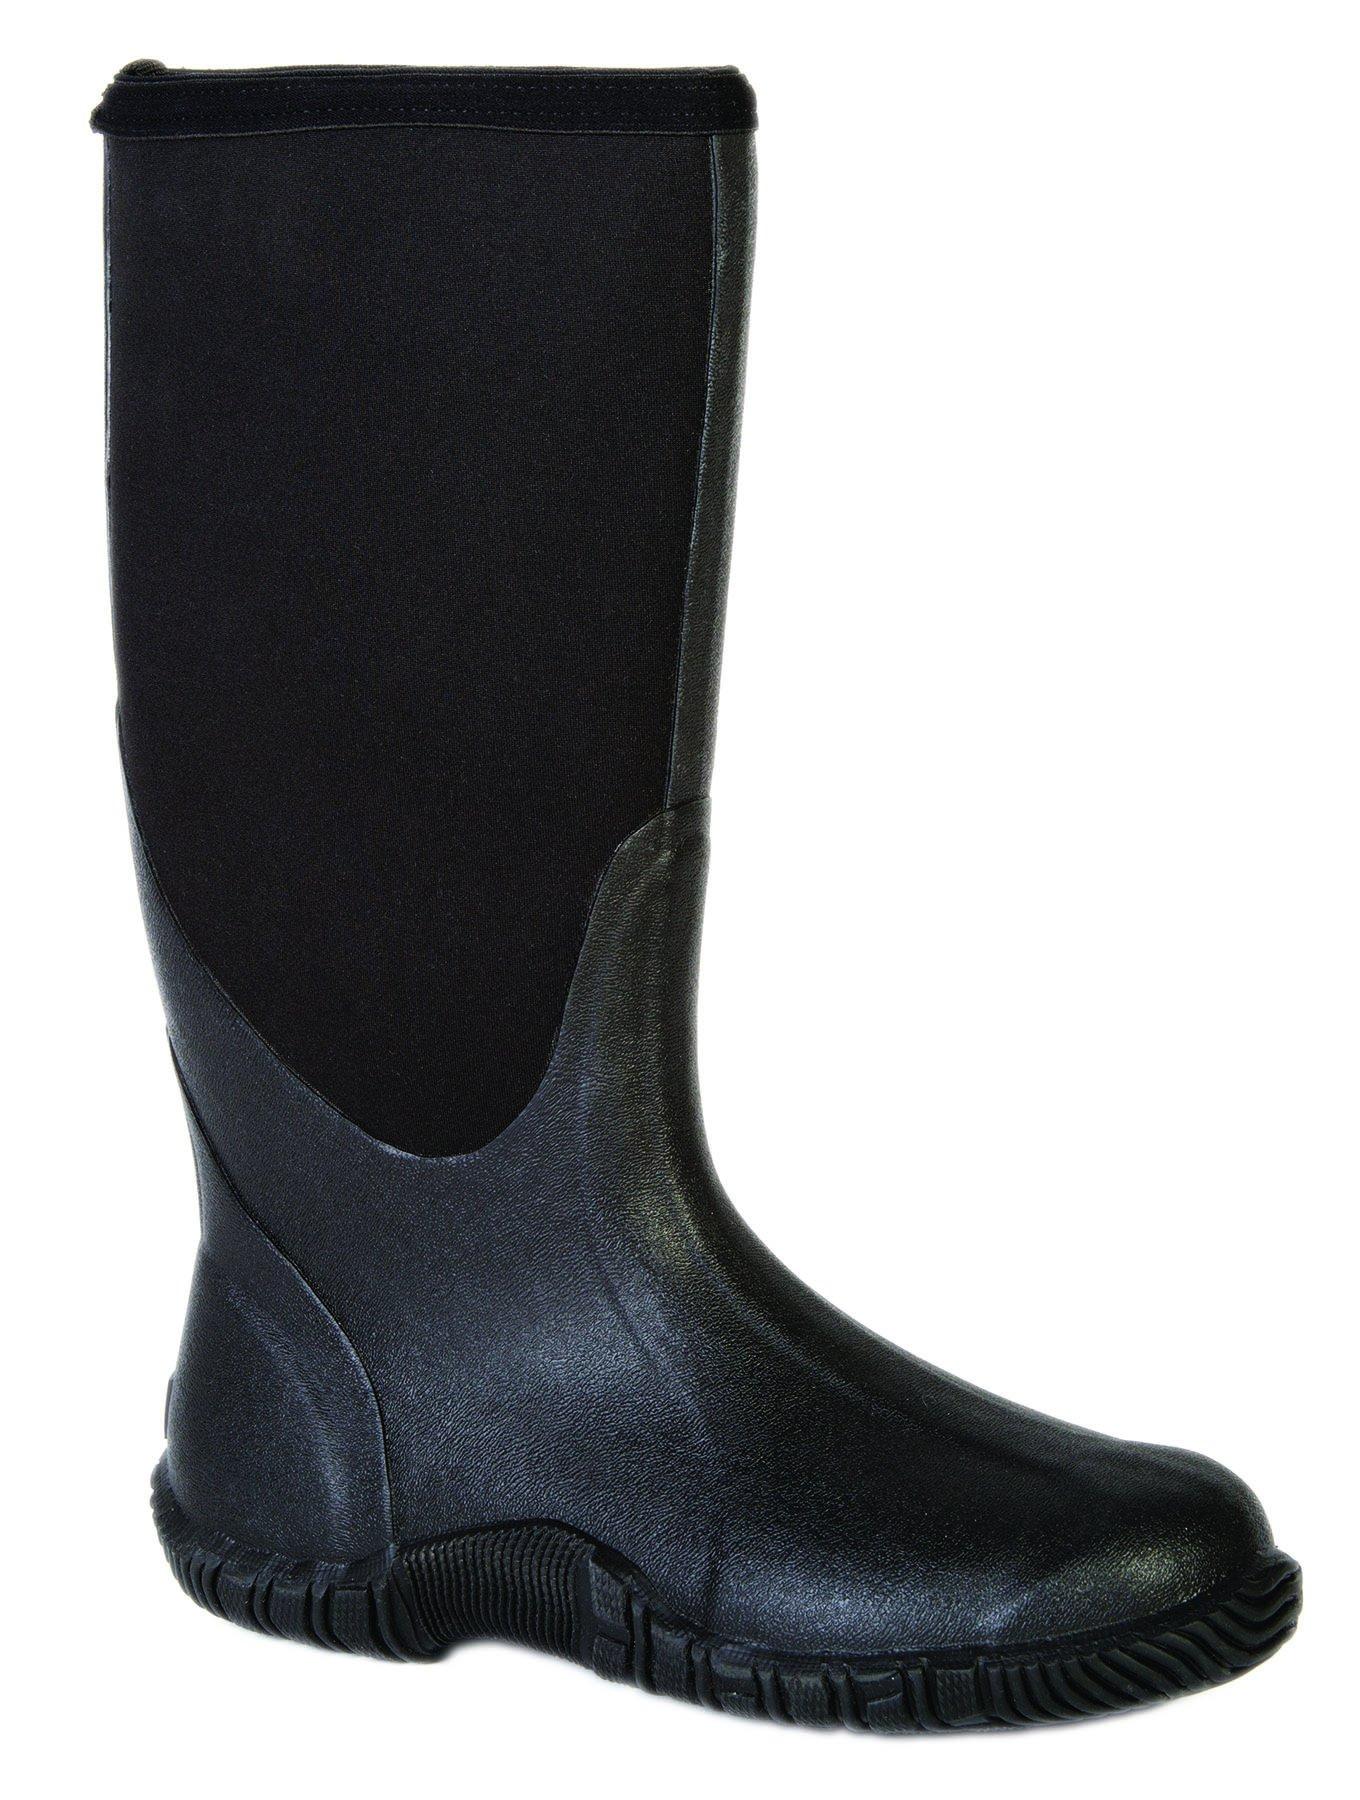 Ranger Outdoor Comfort Series Cal 15'' Men's Waterproof Boots, Black (67507)